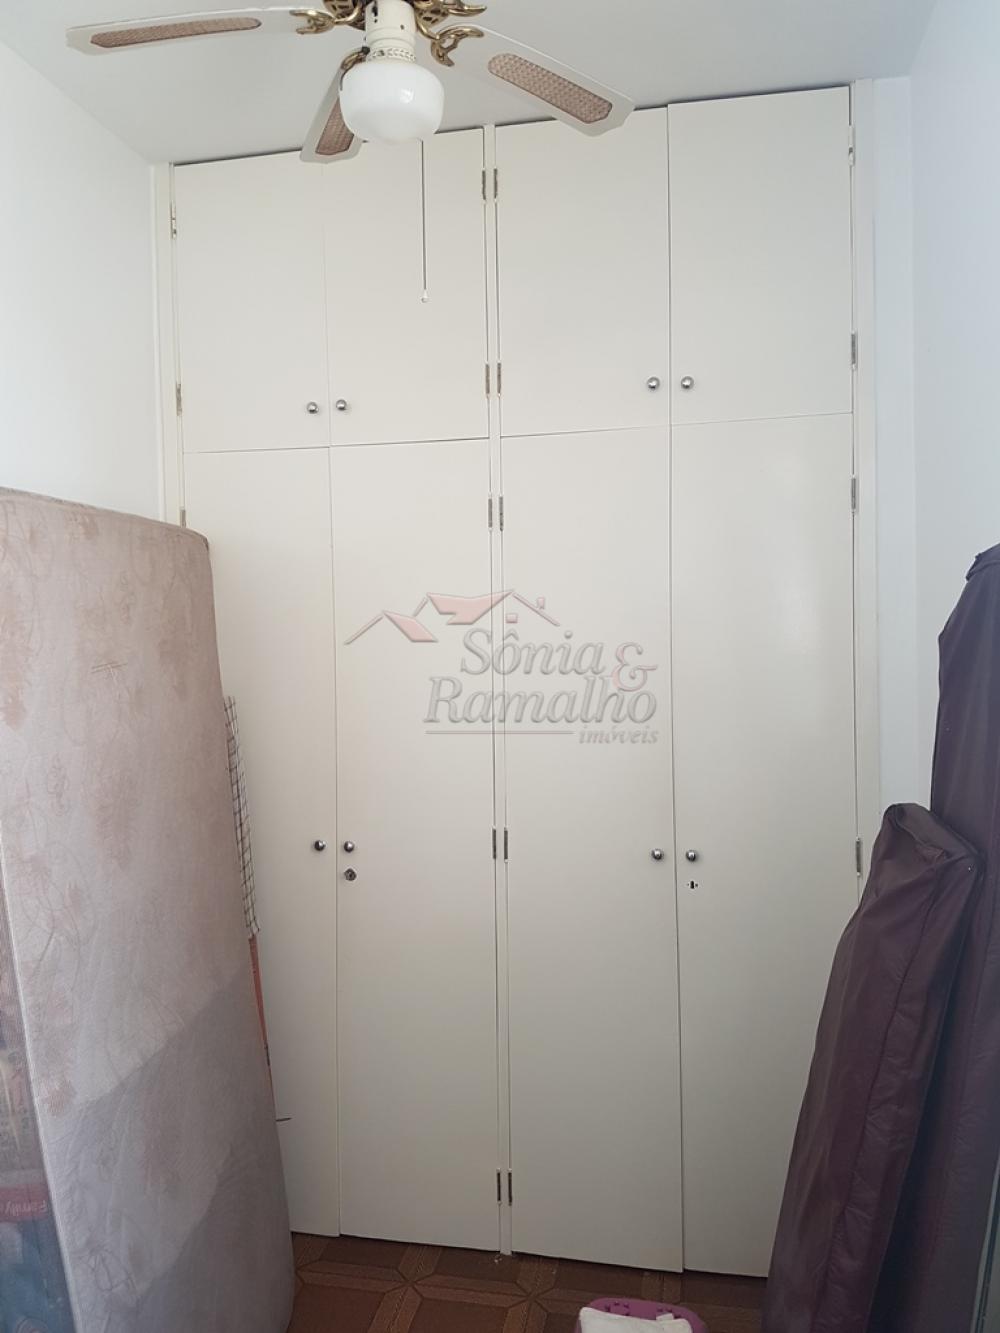 Comprar Apartamentos / Padrão em Ribeirão Preto apenas R$ 500.000,00 - Foto 29